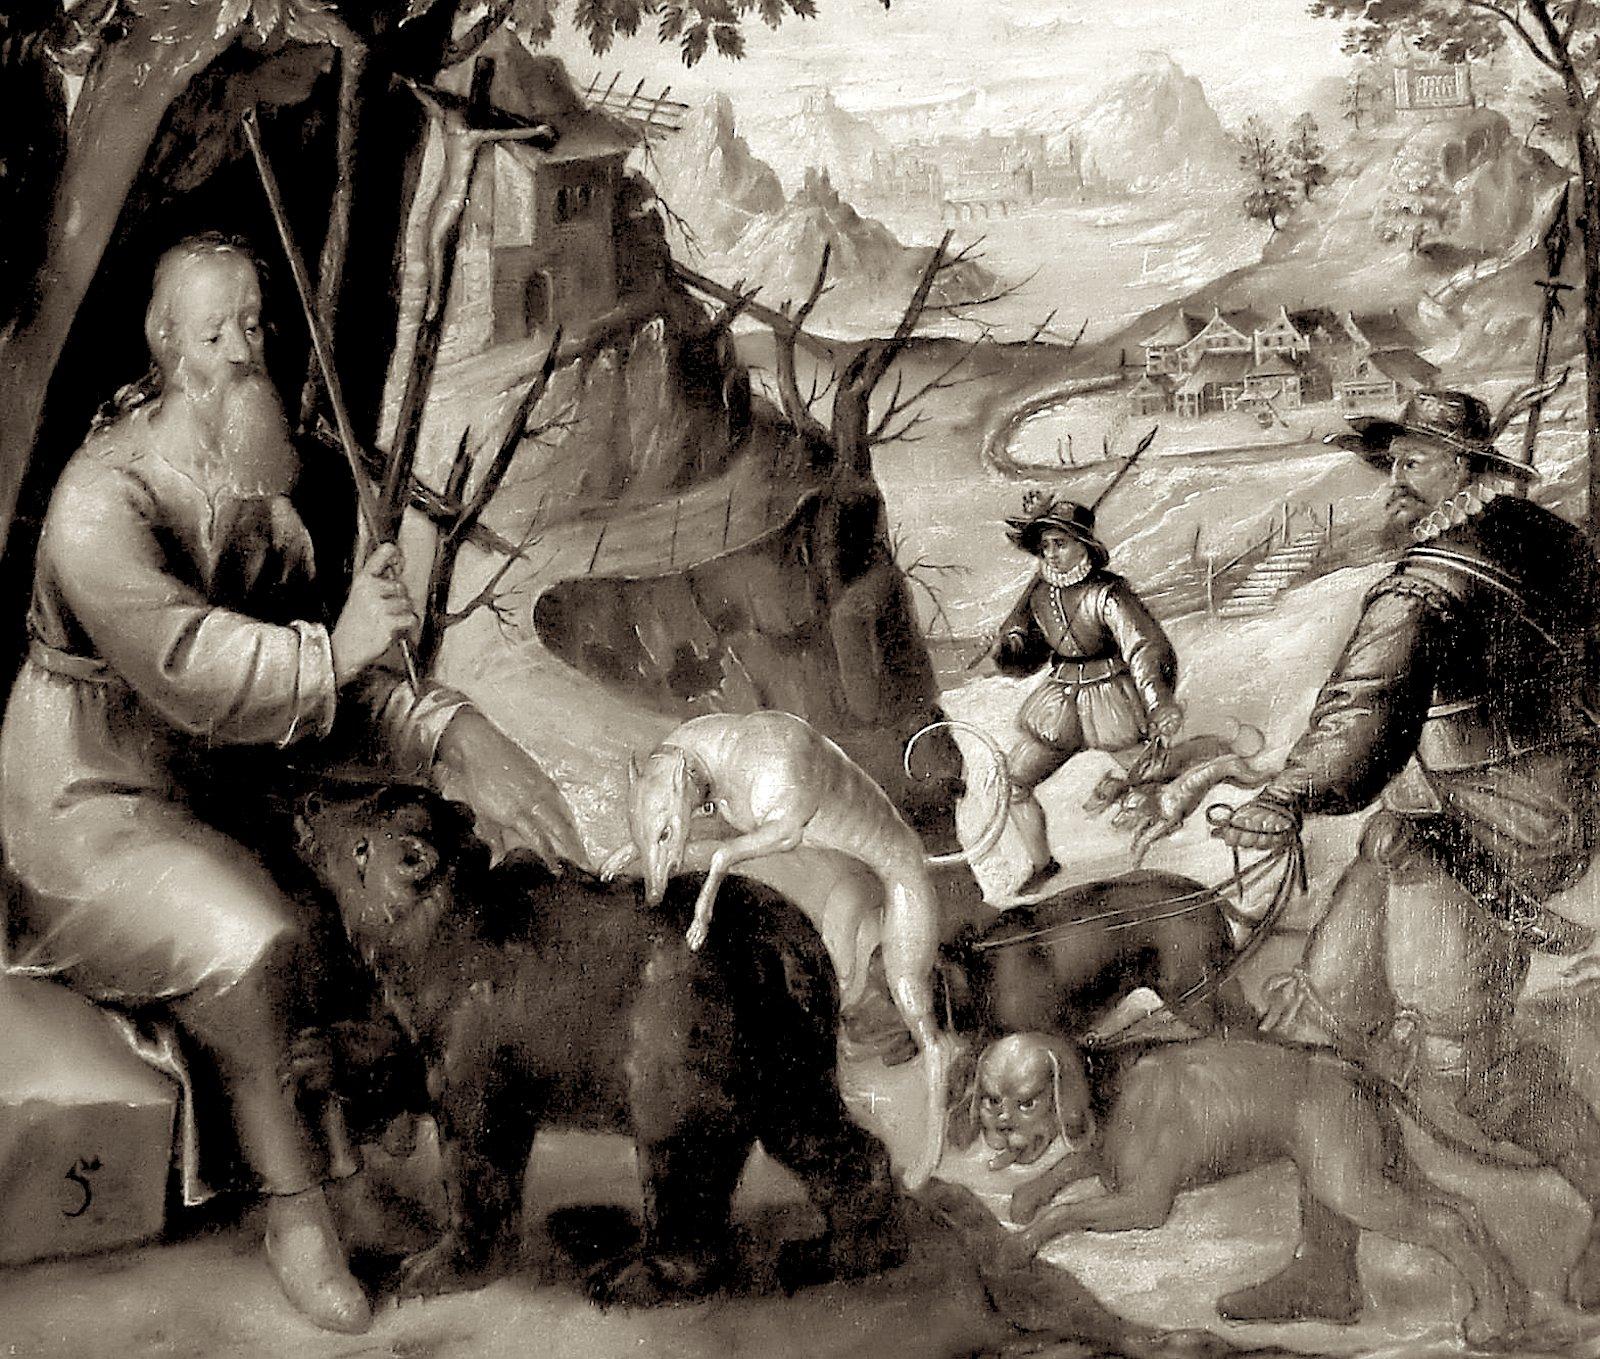 Медведь спасается у ног святого Герольда.